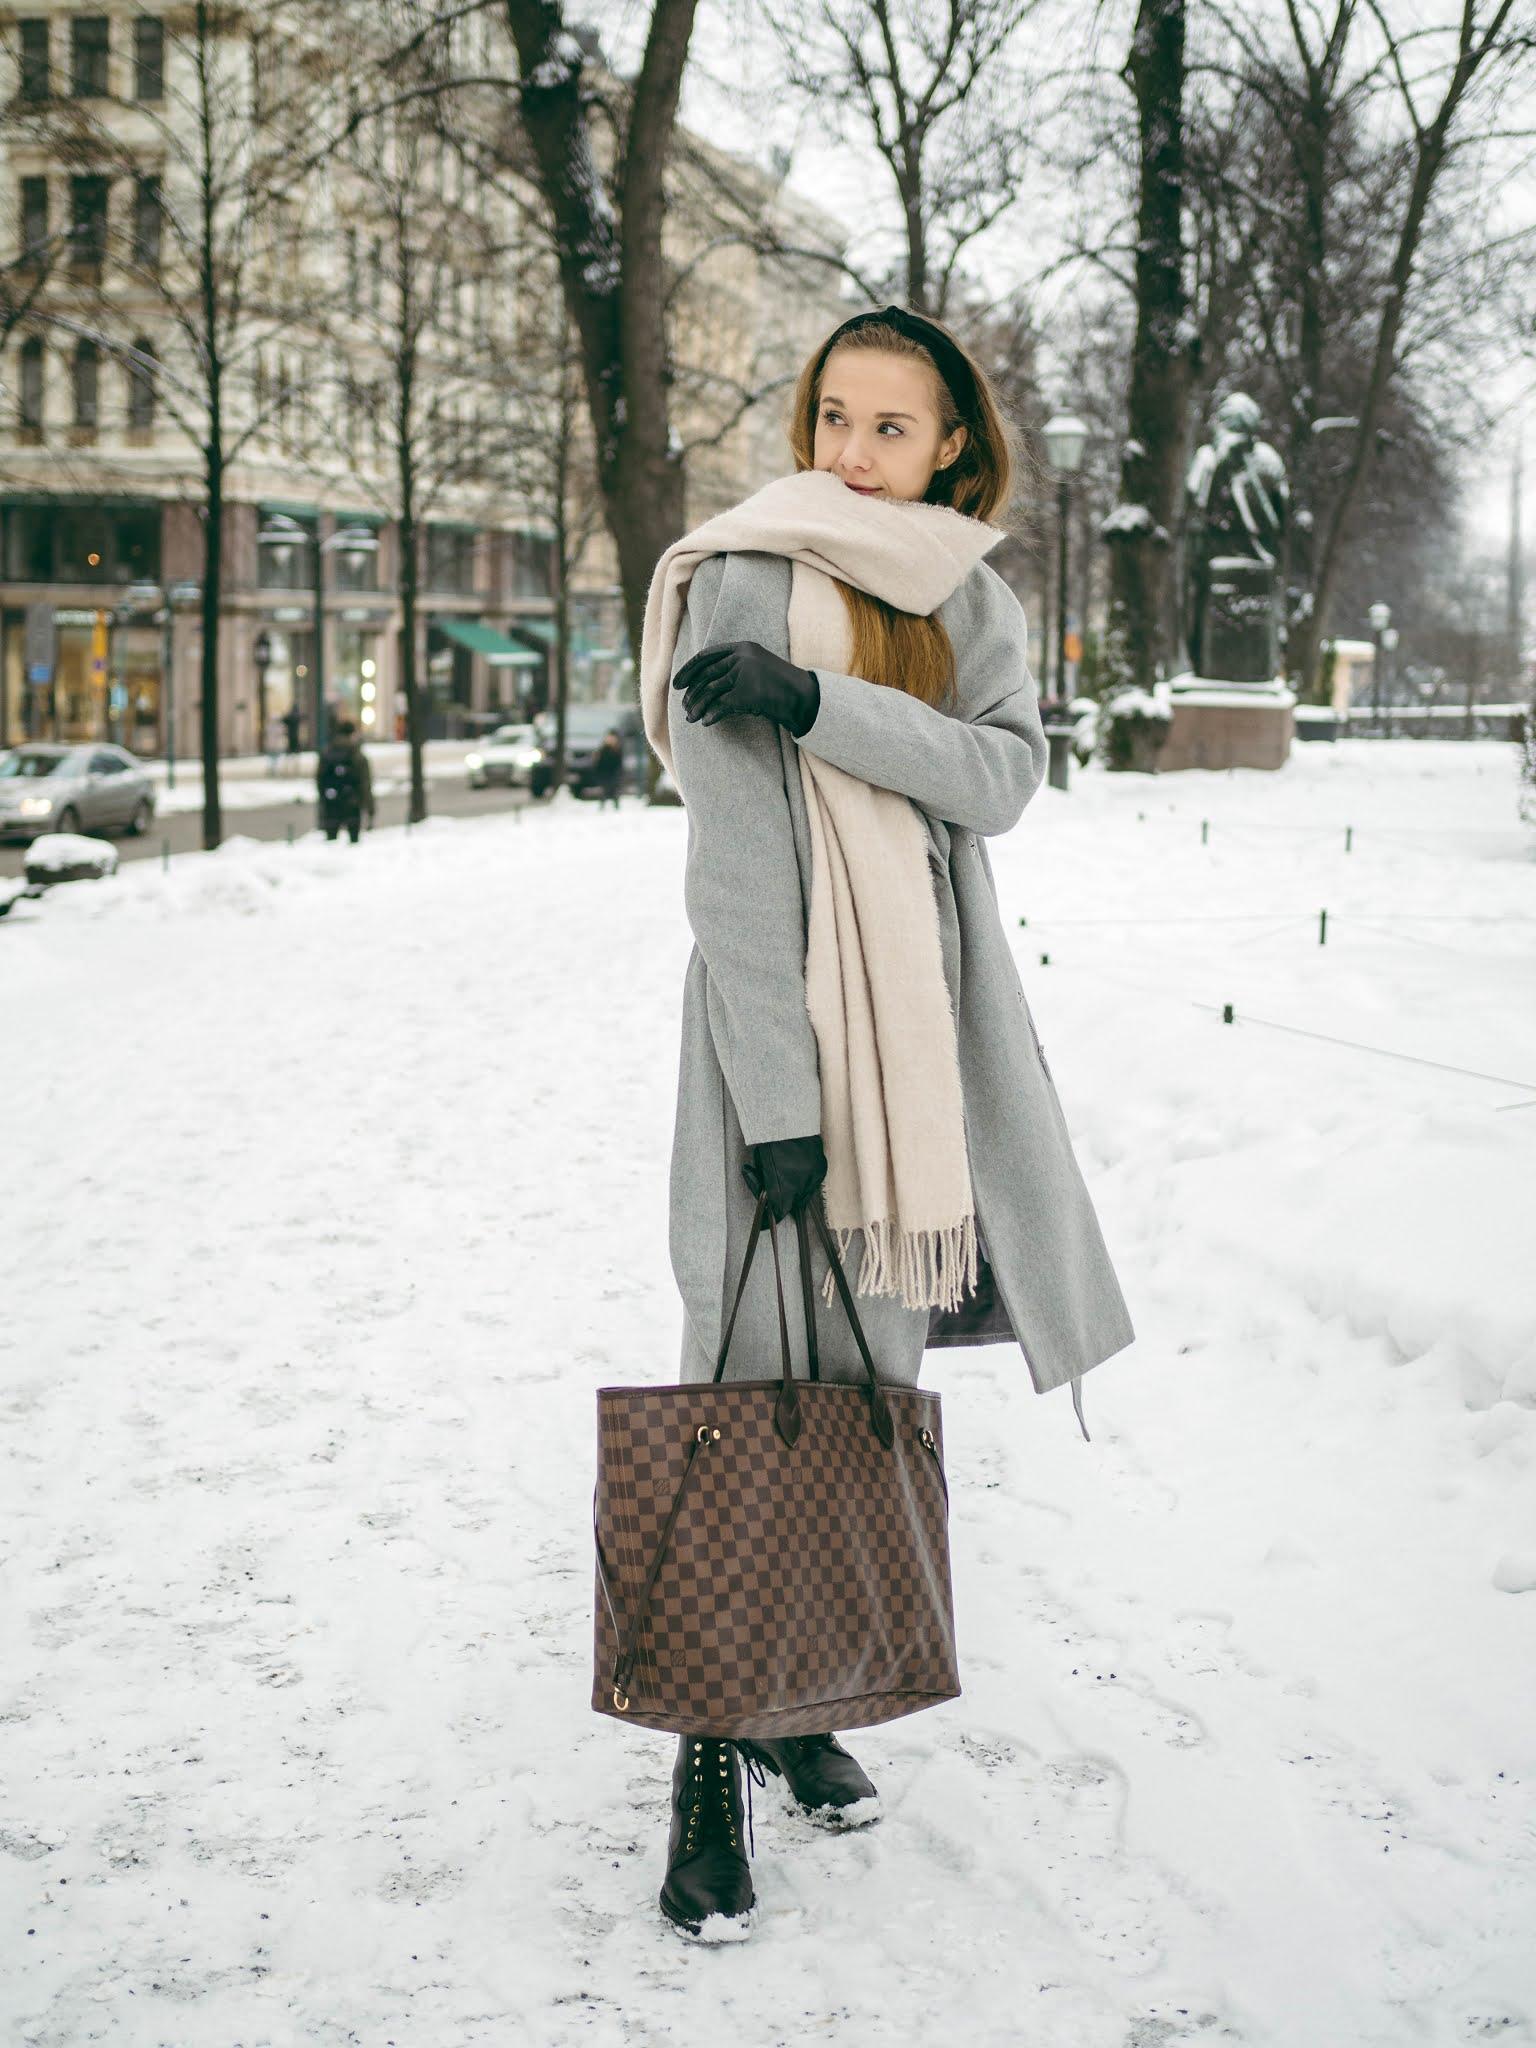 Talvipukeutuminen, asuinspiraatio, muotibloggaaja // Winter fashion, outfit inspiration, style blogger